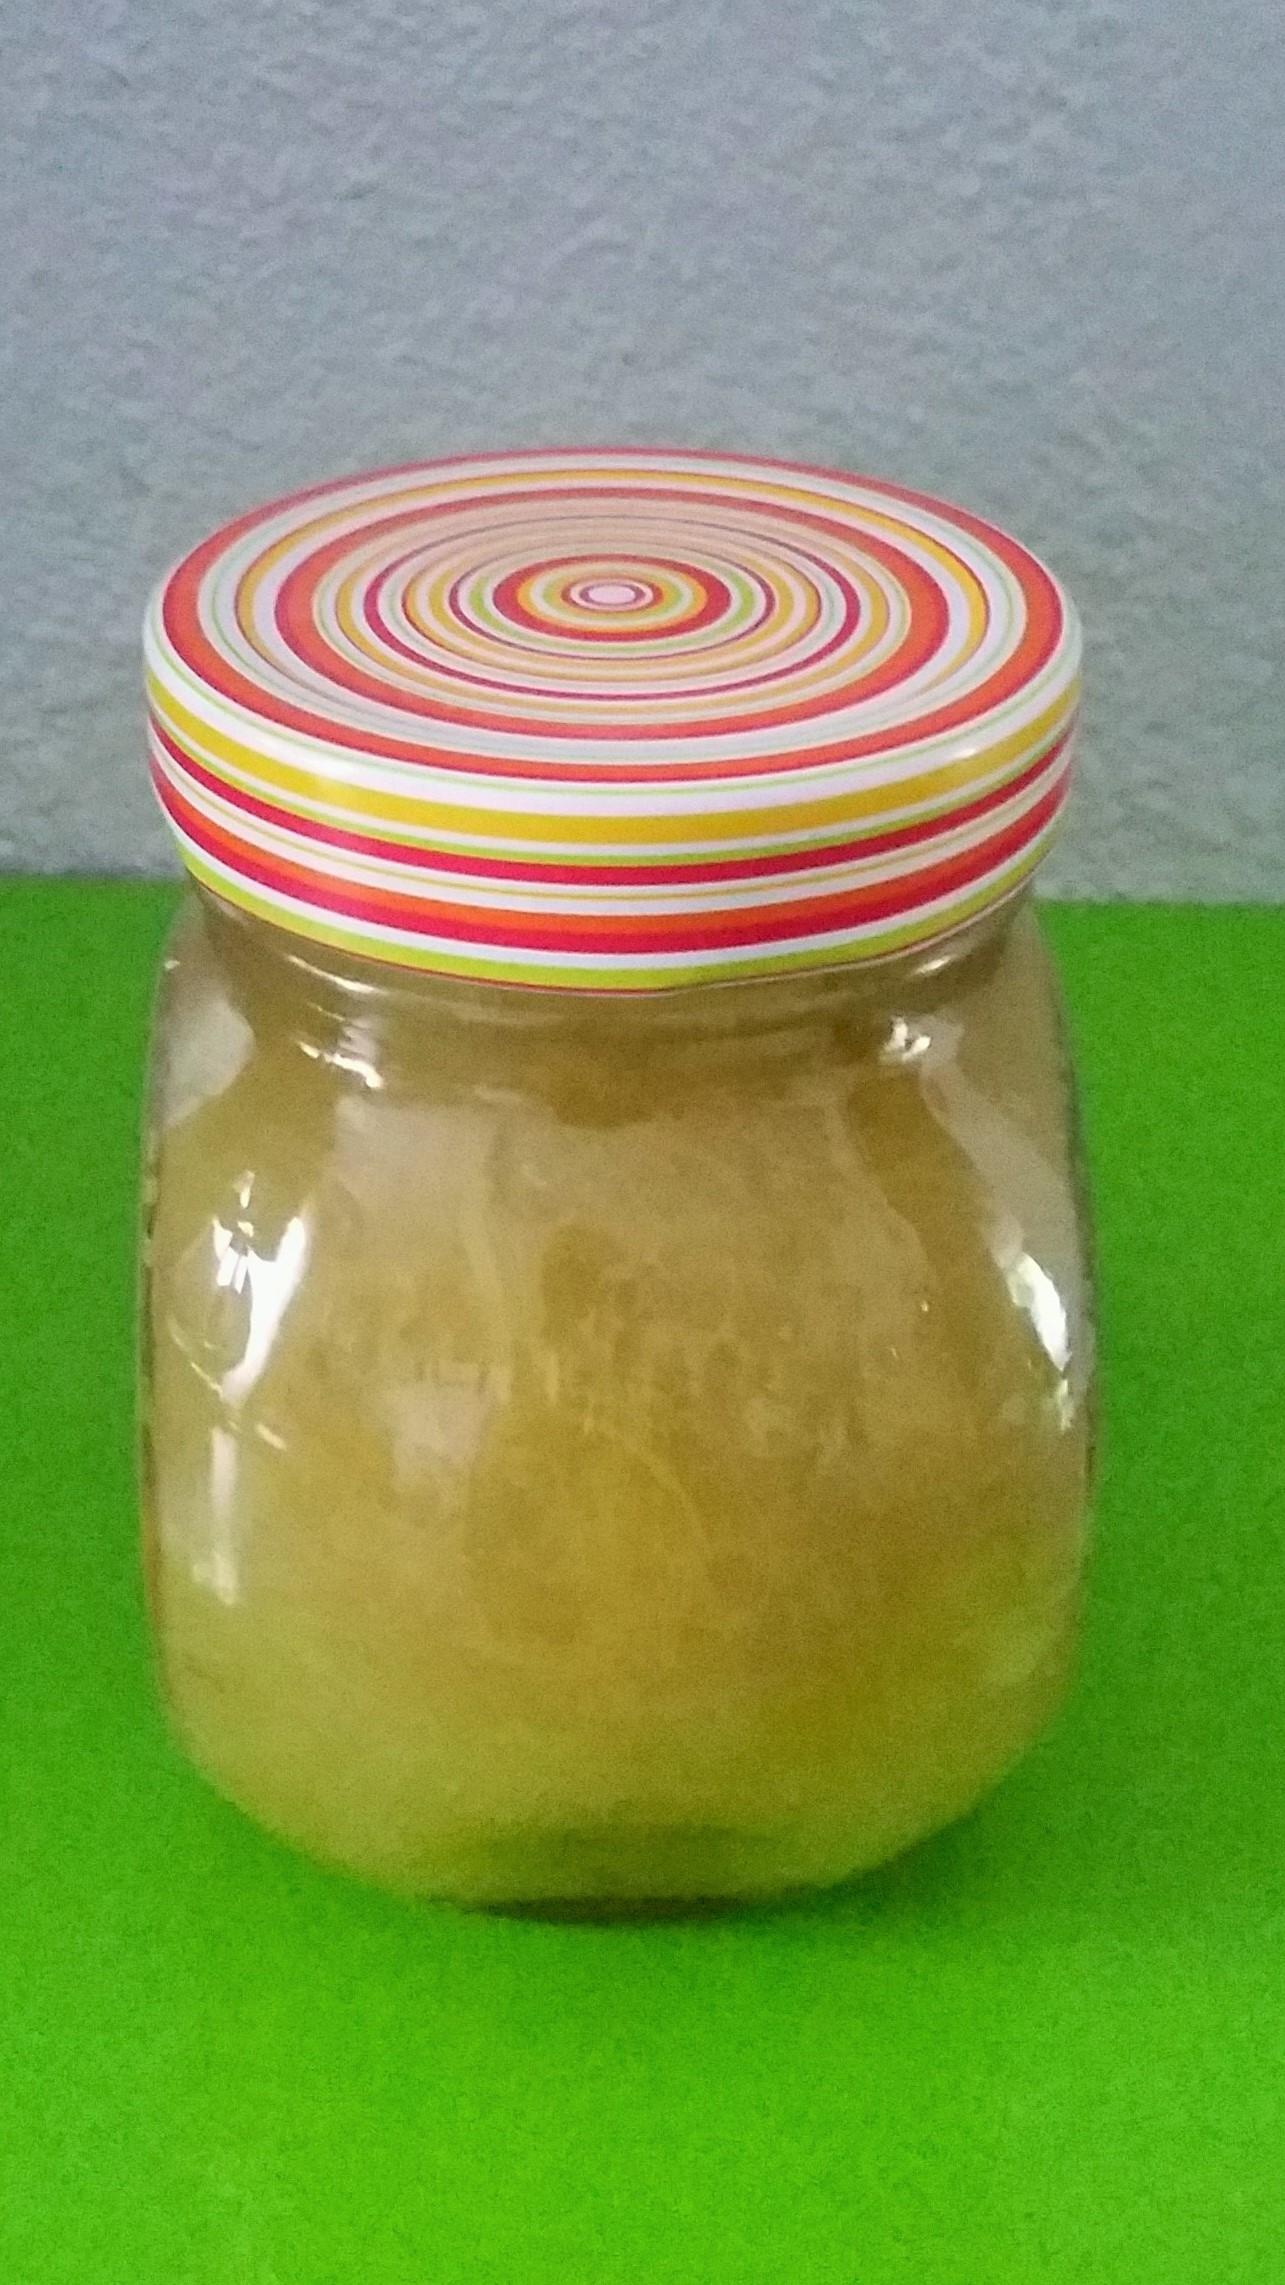 Confiture De Rhubarbe Et Pommes : confiture, rhubarbe, pommes, Confiture, Rhubarbe, Pomme, P'tit, Labo!